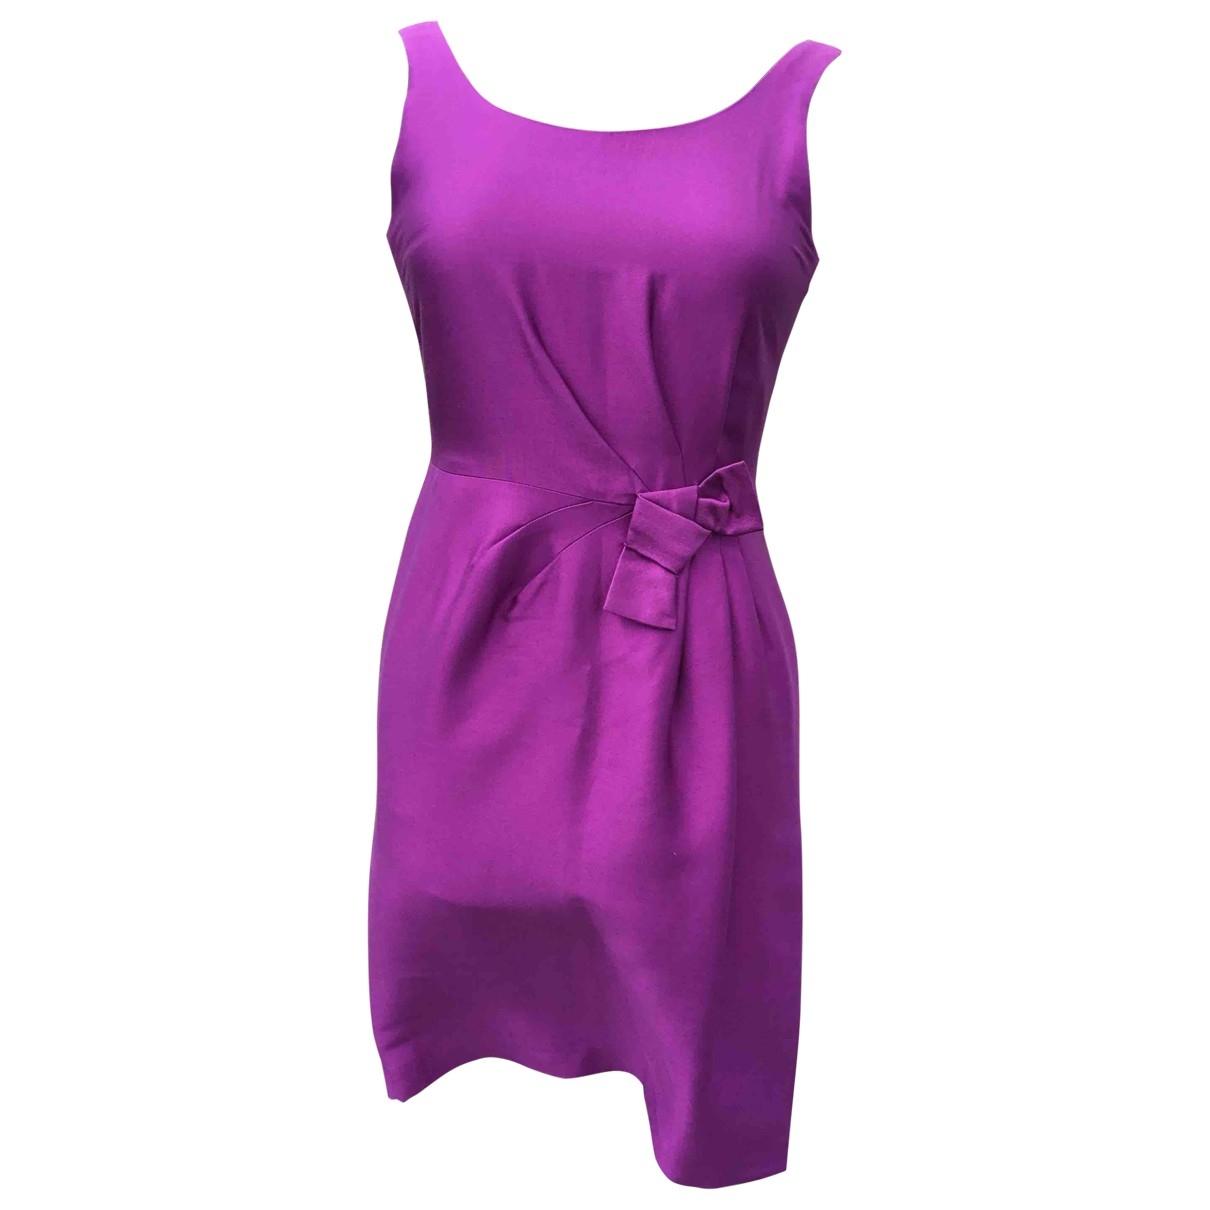 Hobbs \N Kleid in  Lila Seide